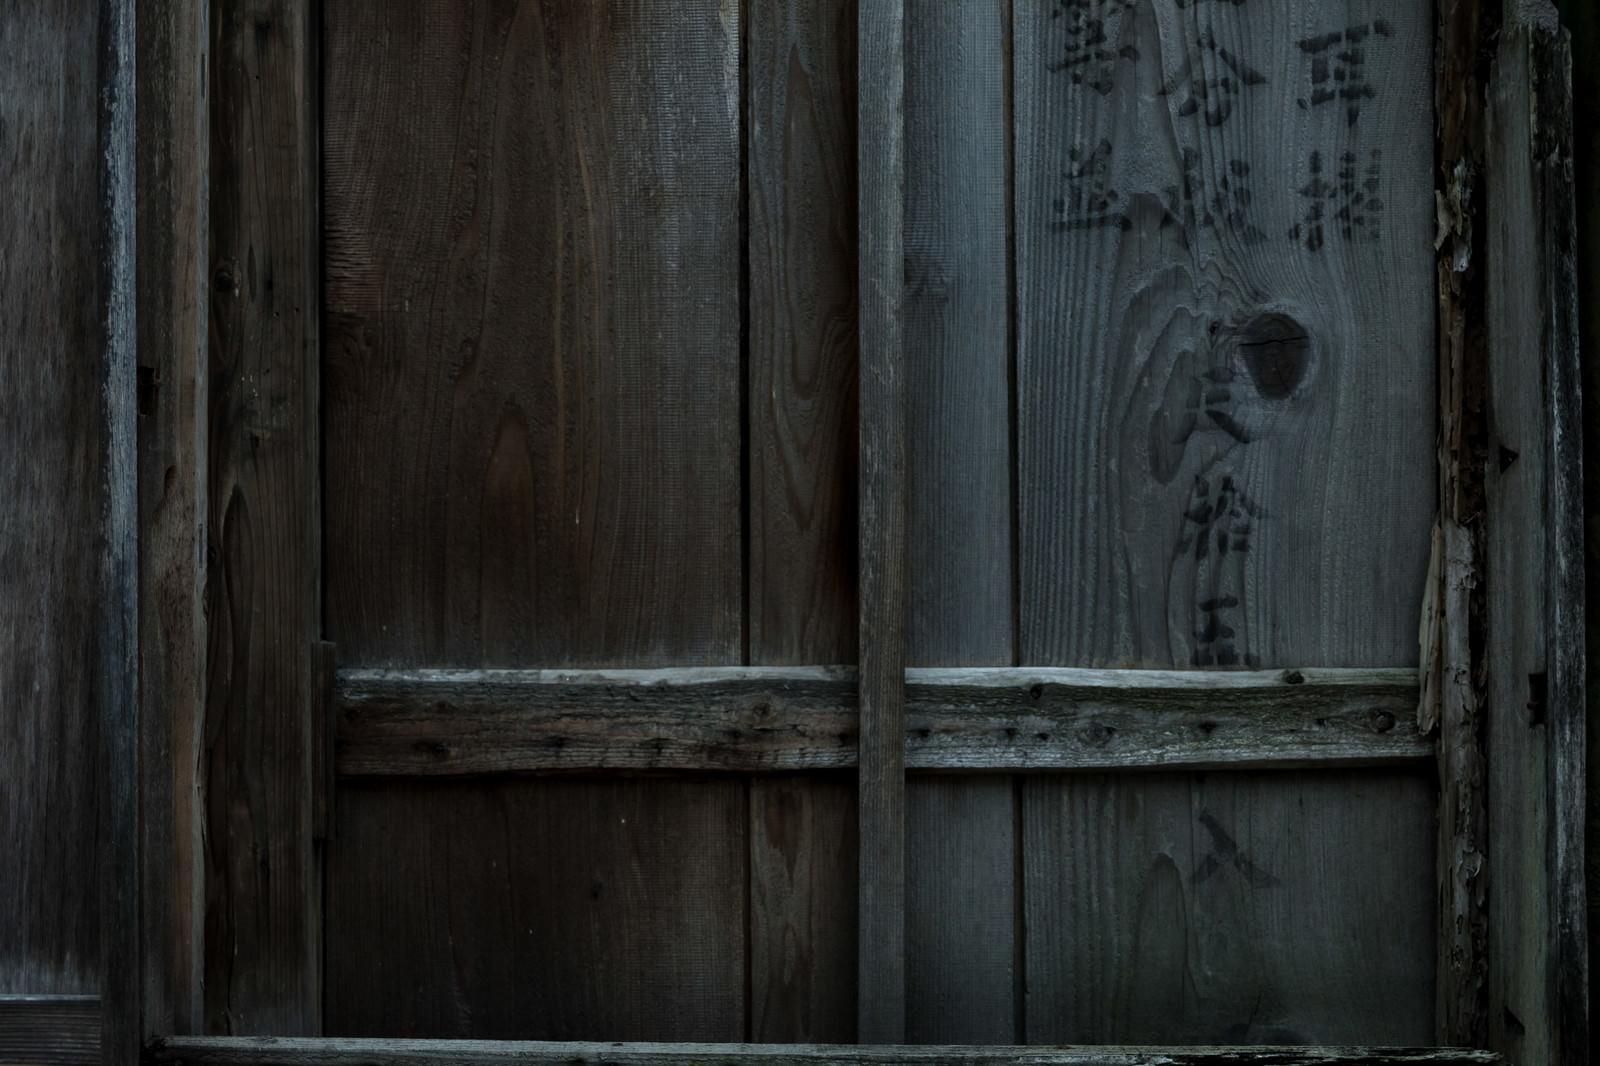 「閉まった木の窓」の写真